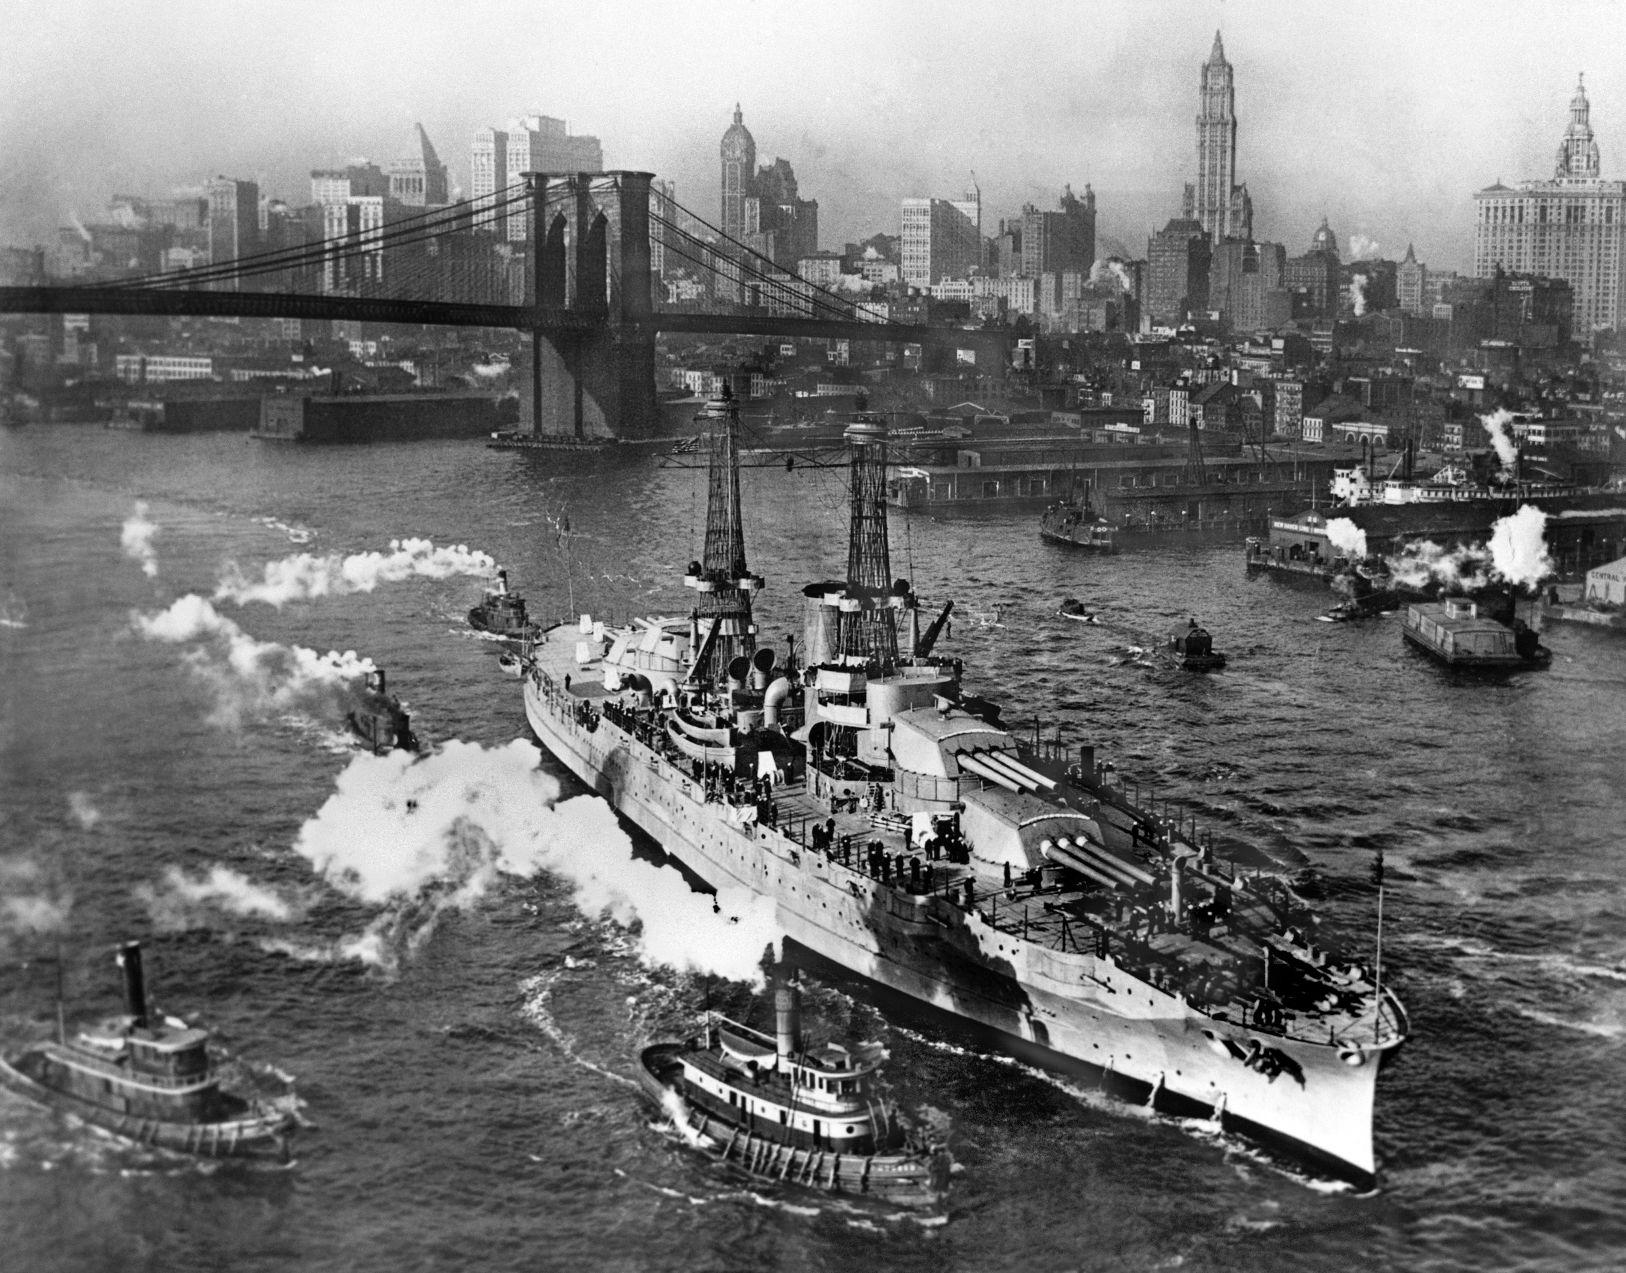 rarely seen photos of the uss arizona sunk dec 7 1941 in pearl harbor retro tucson tucson com [ 1200 x 939 Pixel ]